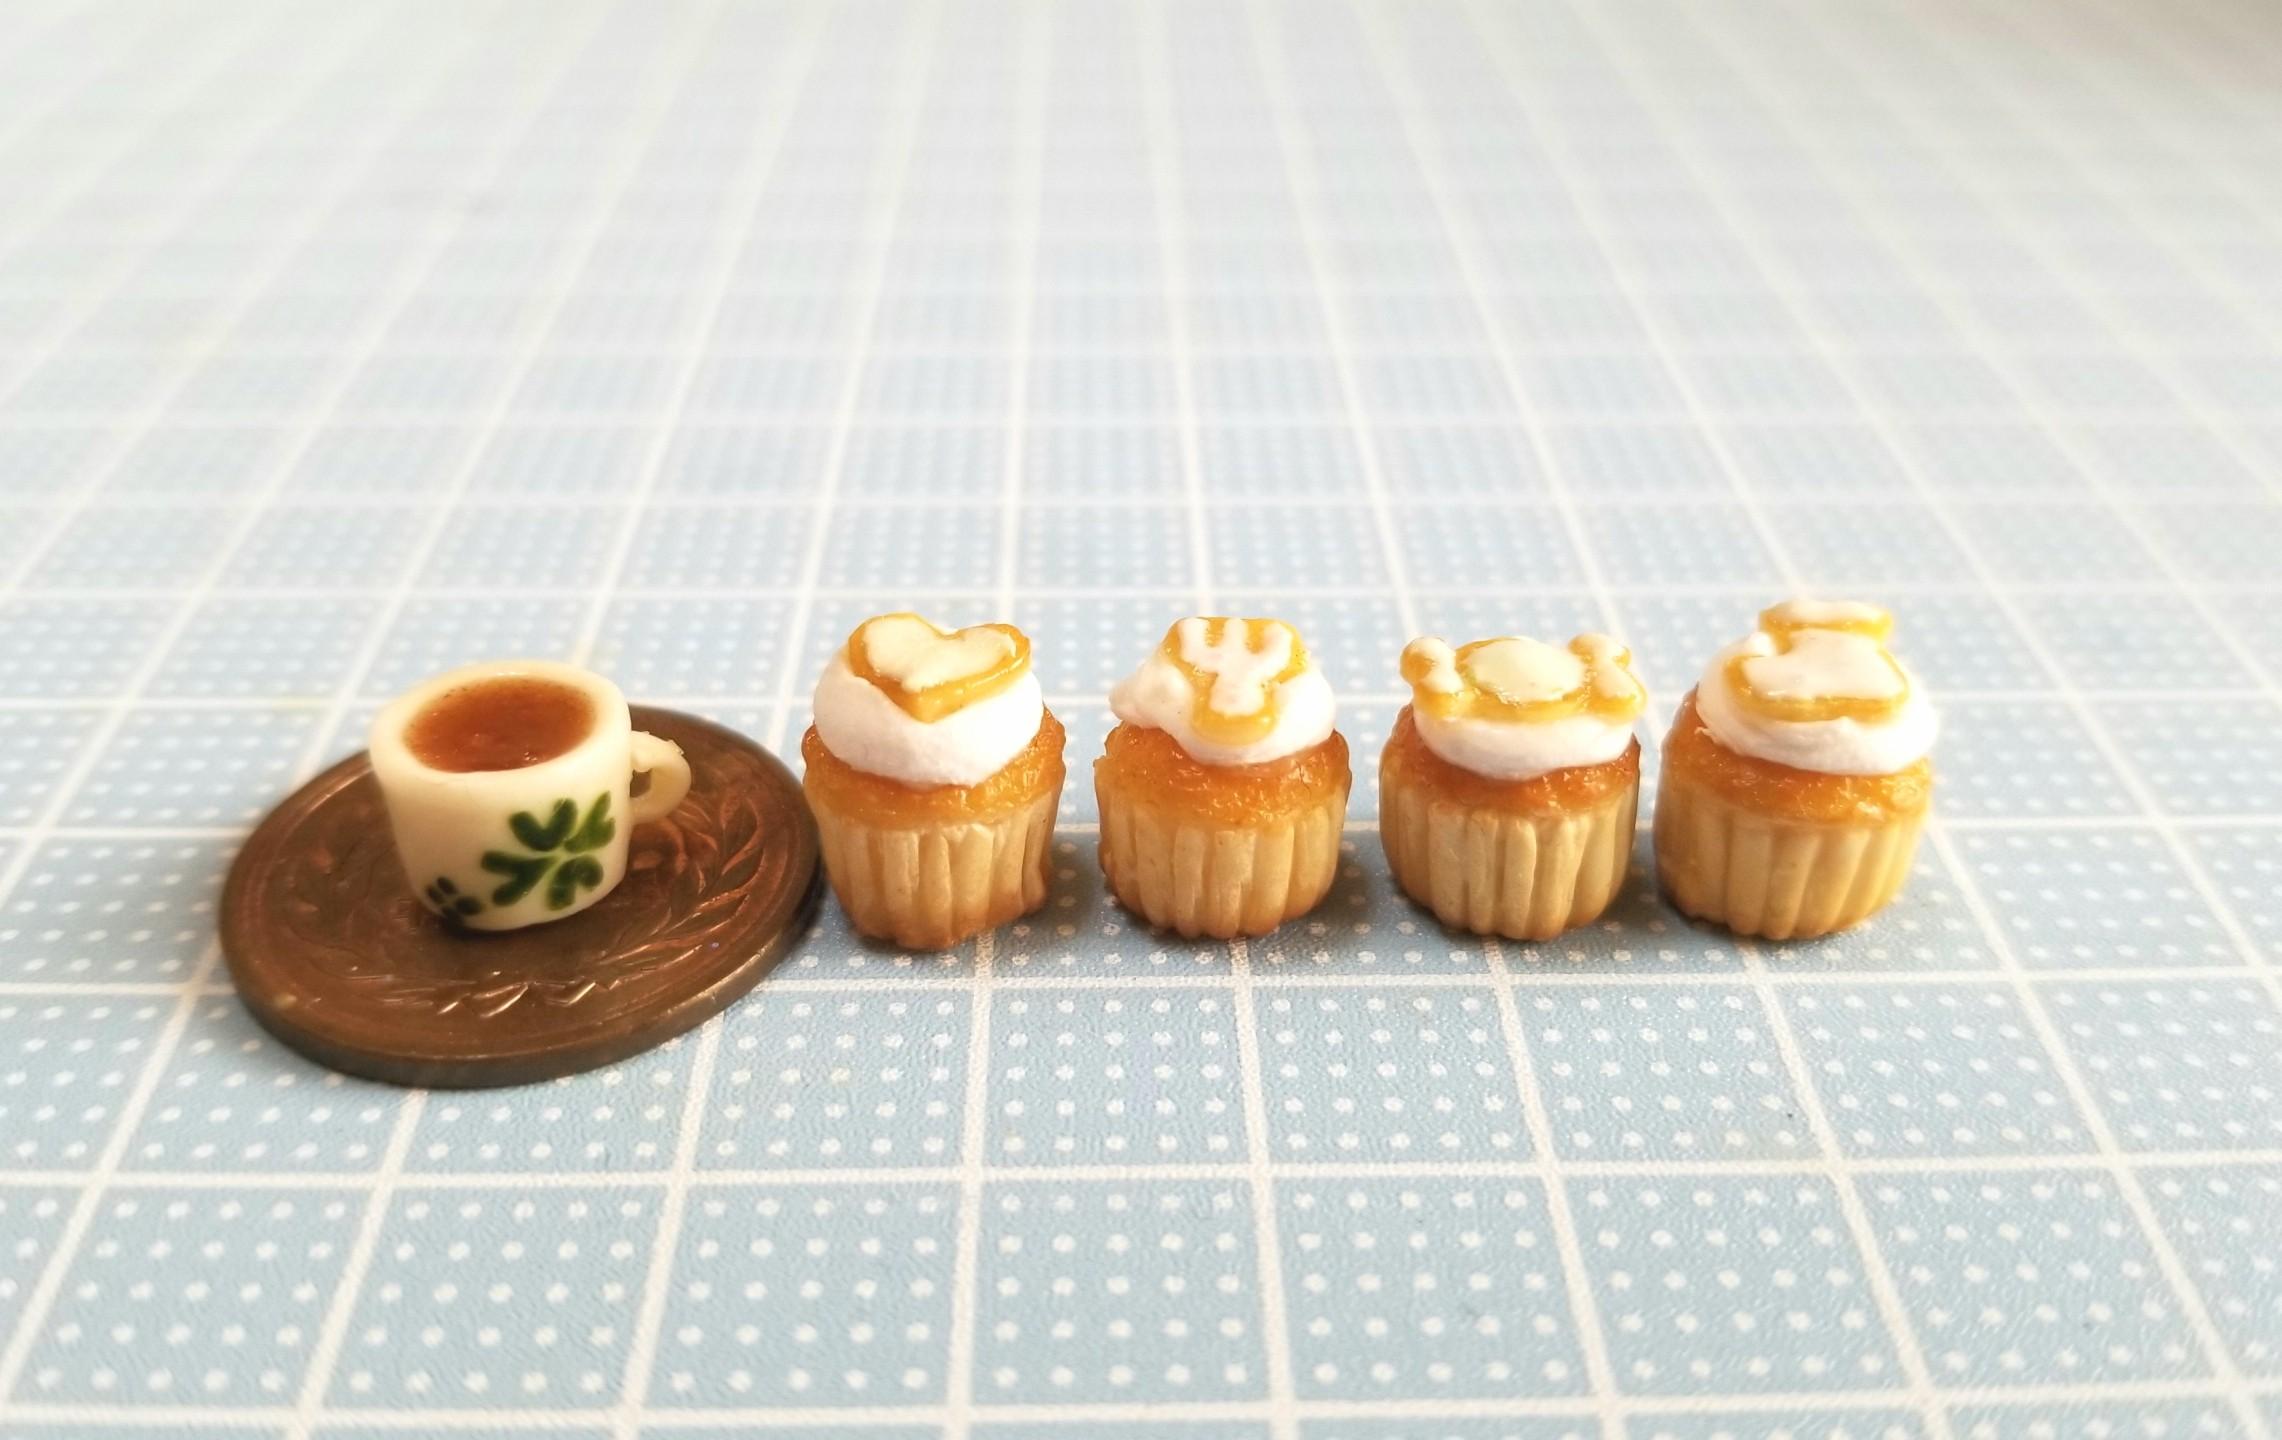 ミニチュアフード,カップケーキ,アイシング,樹脂粘土,ねんどろいど